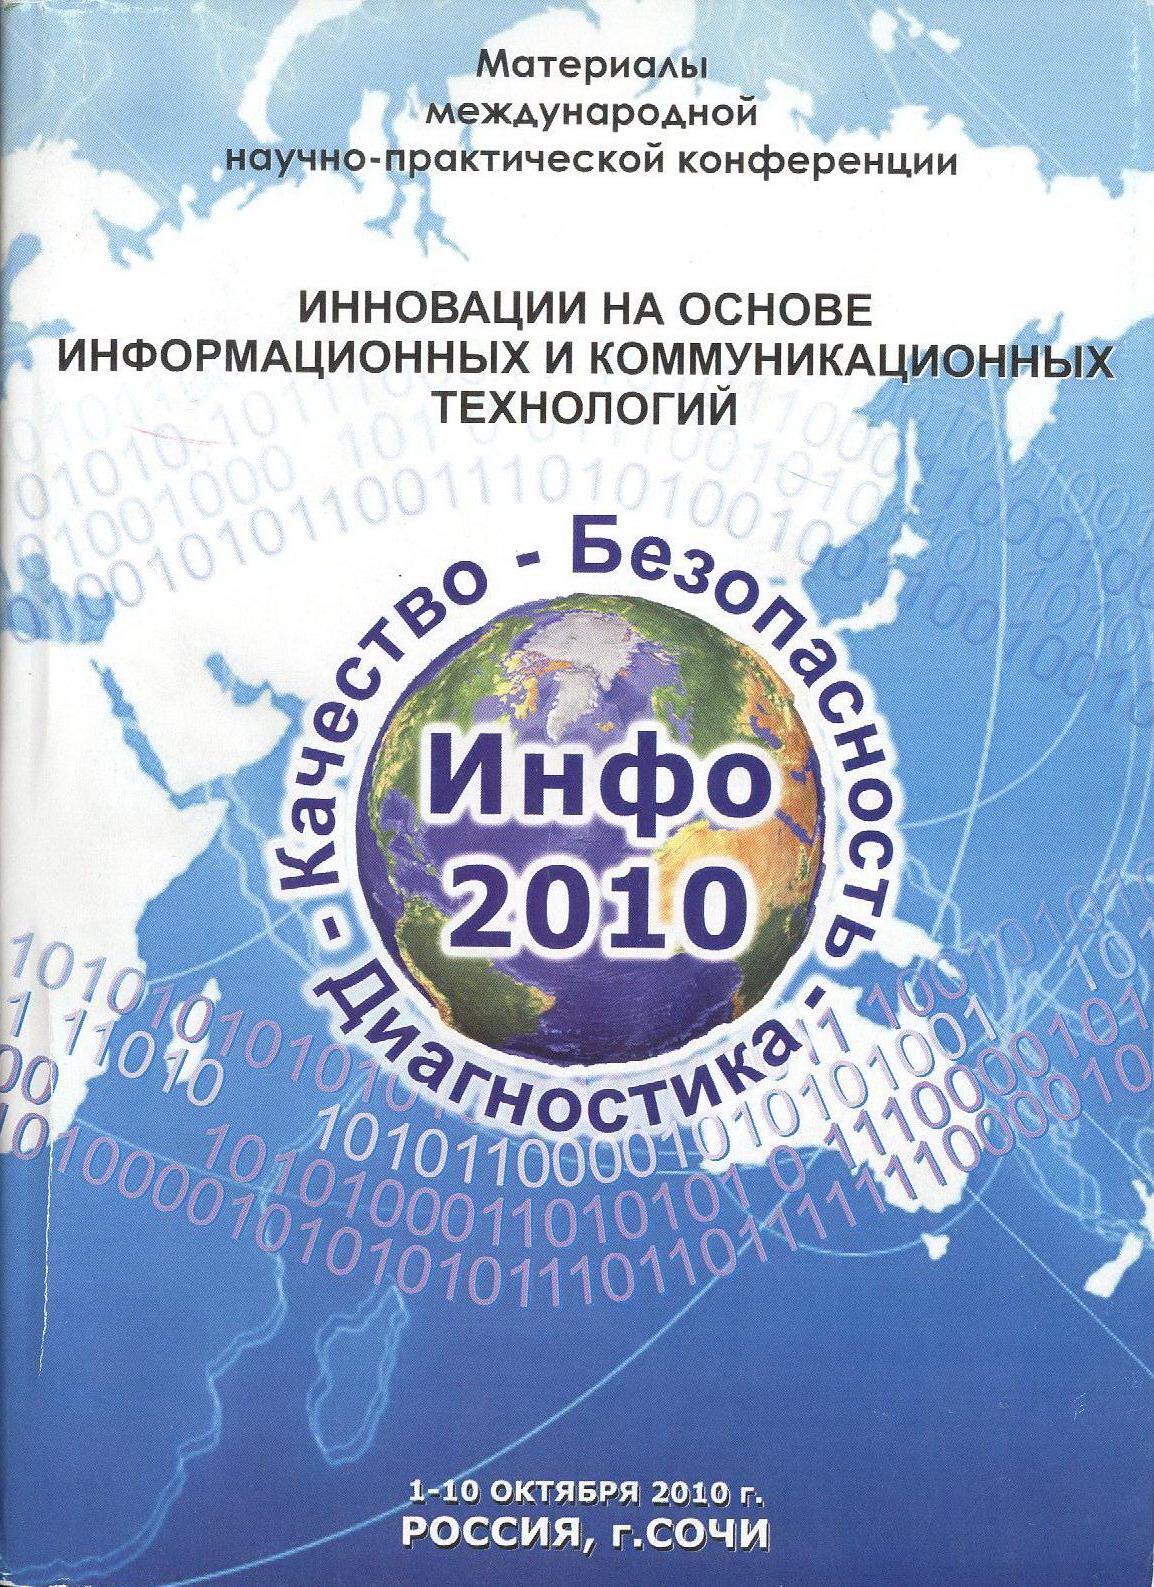 Инновации на основе информационных и коммуникационных технологий. Материалы Международной научно-практической конференции (2010)